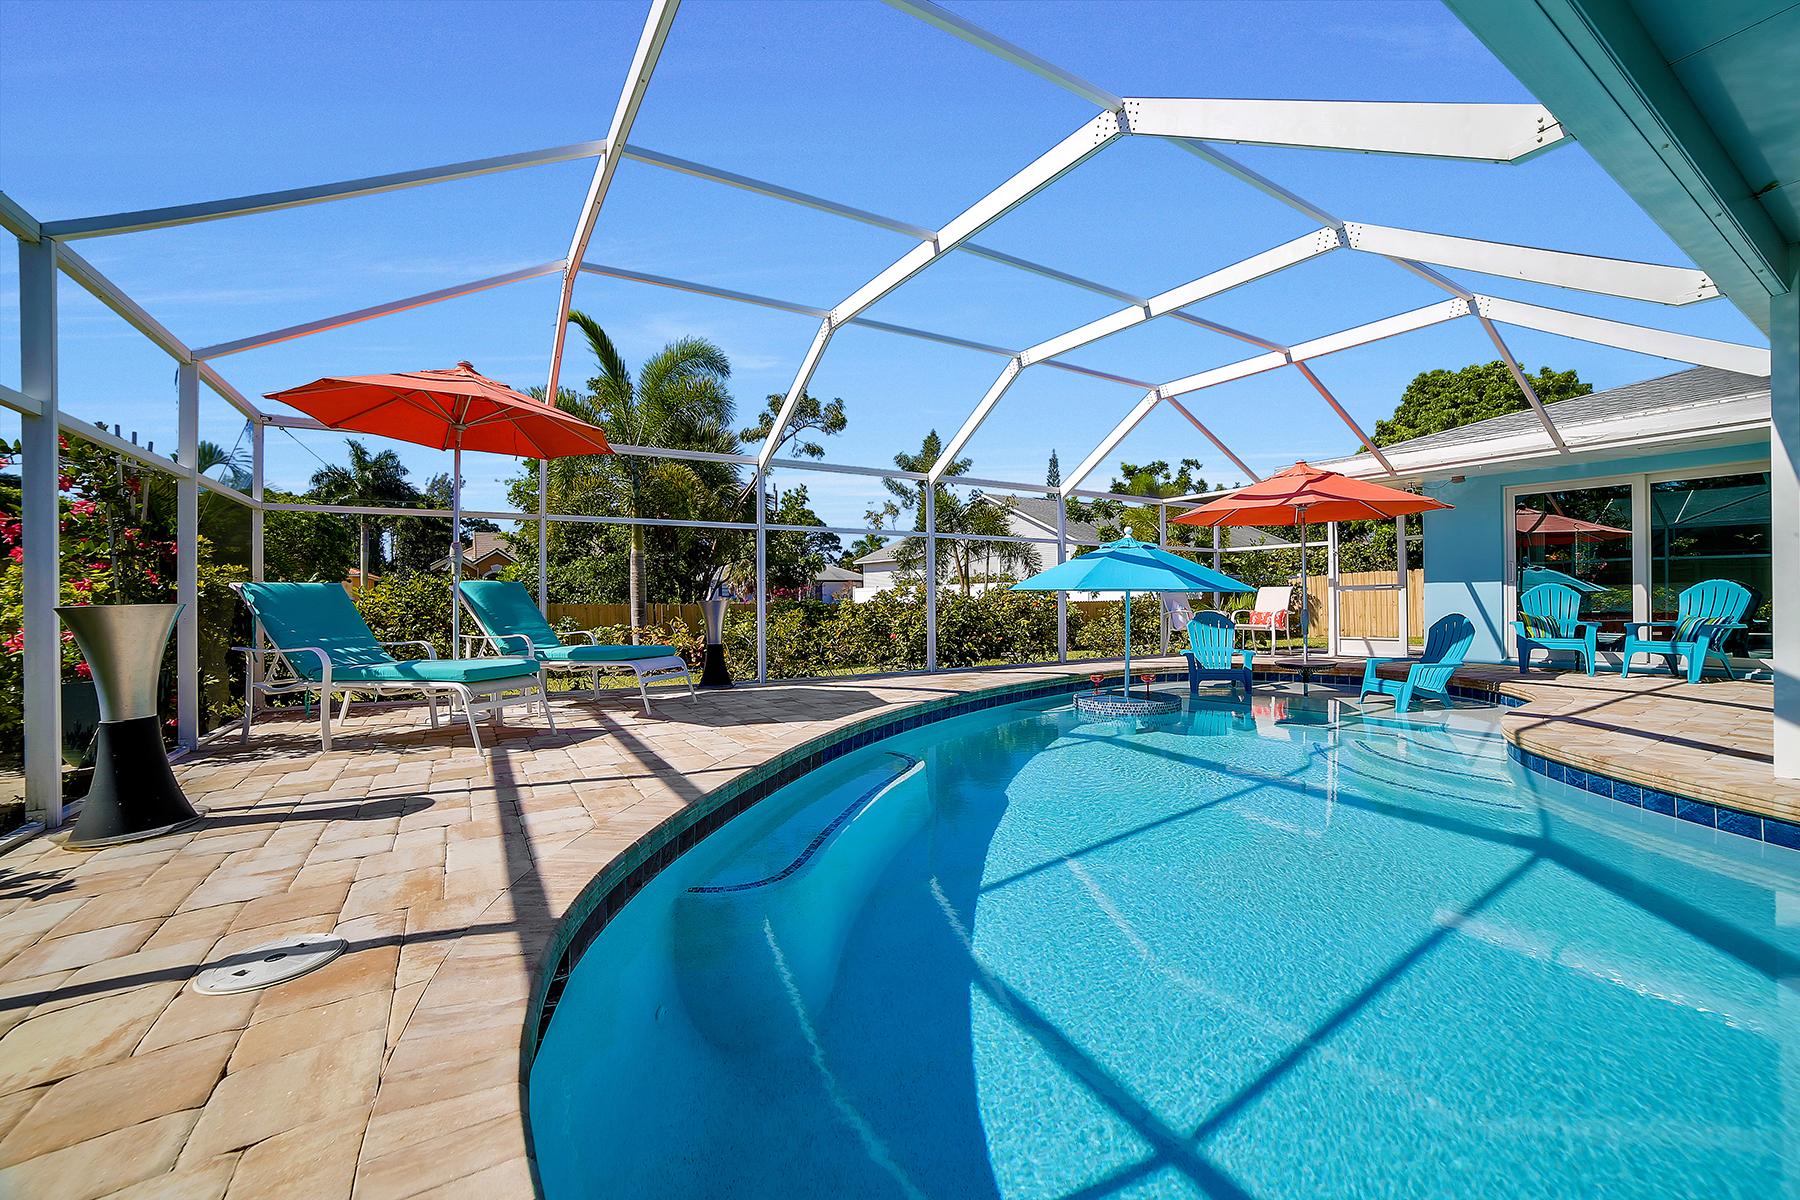 Casa Unifamiliar por un Venta en MARCO ISLAND 1161 N Collier Blvd Marco Island, Florida, 34145 Estados Unidos